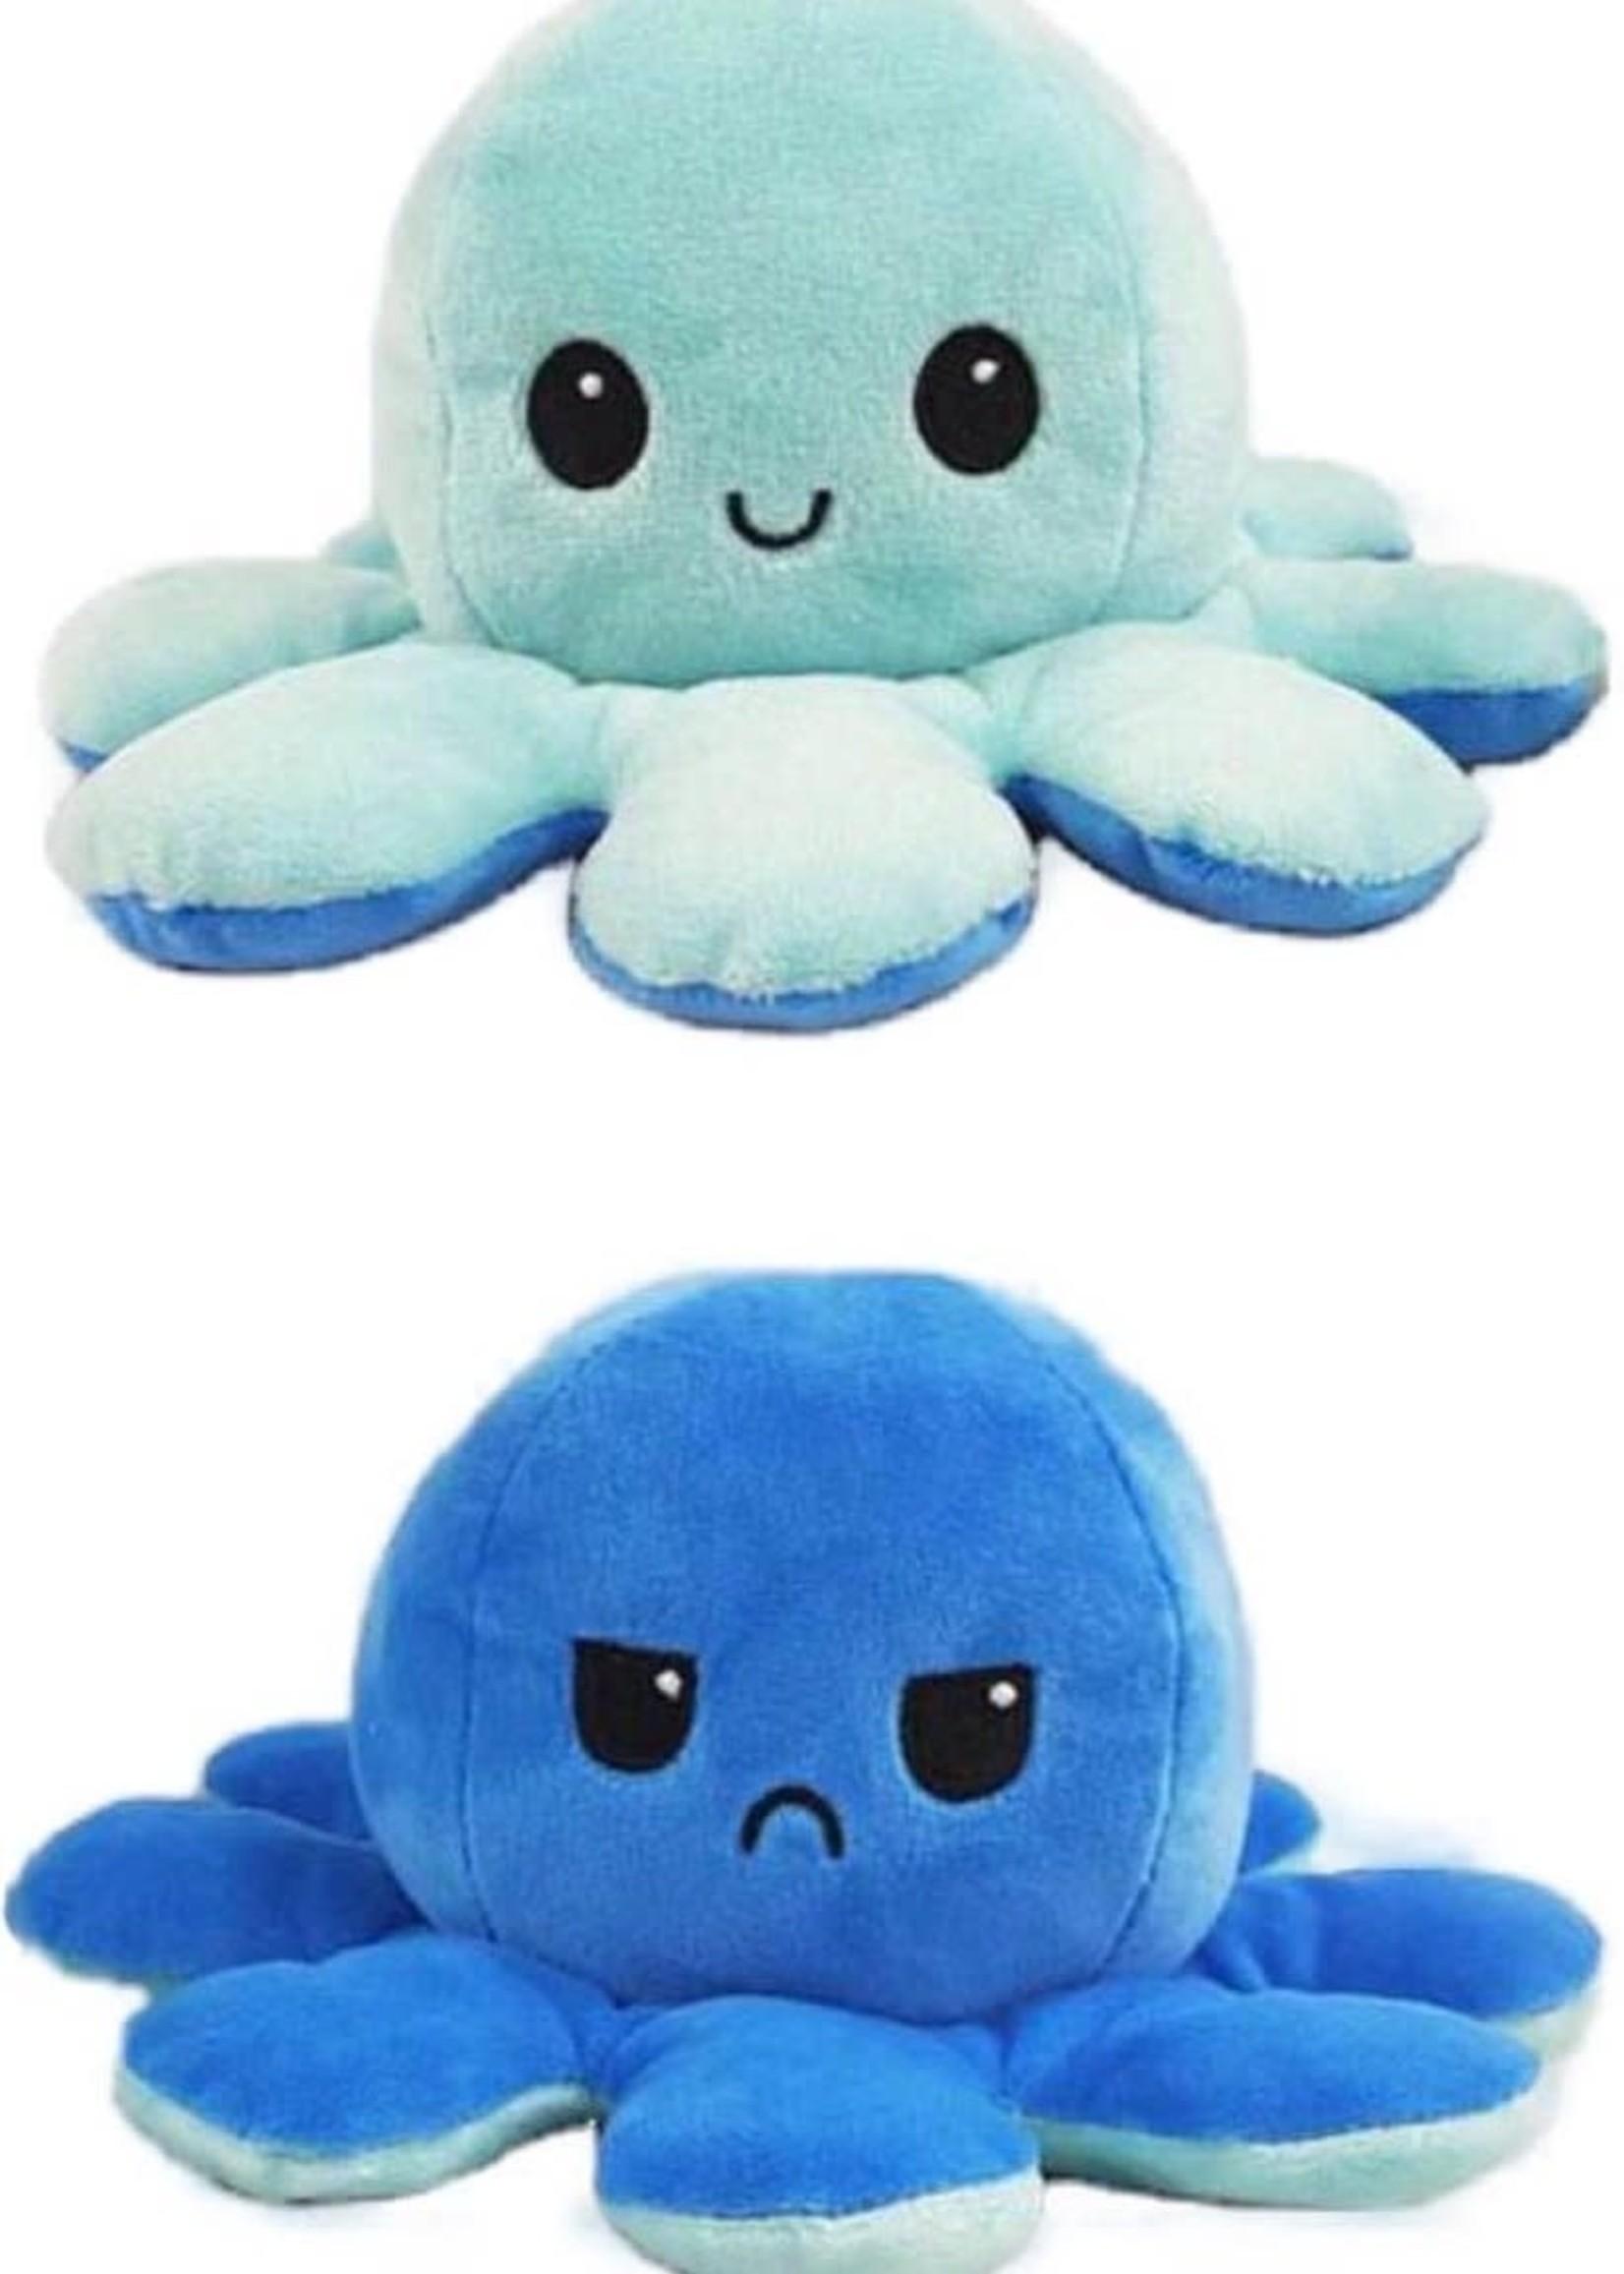 Gemoeds octopus